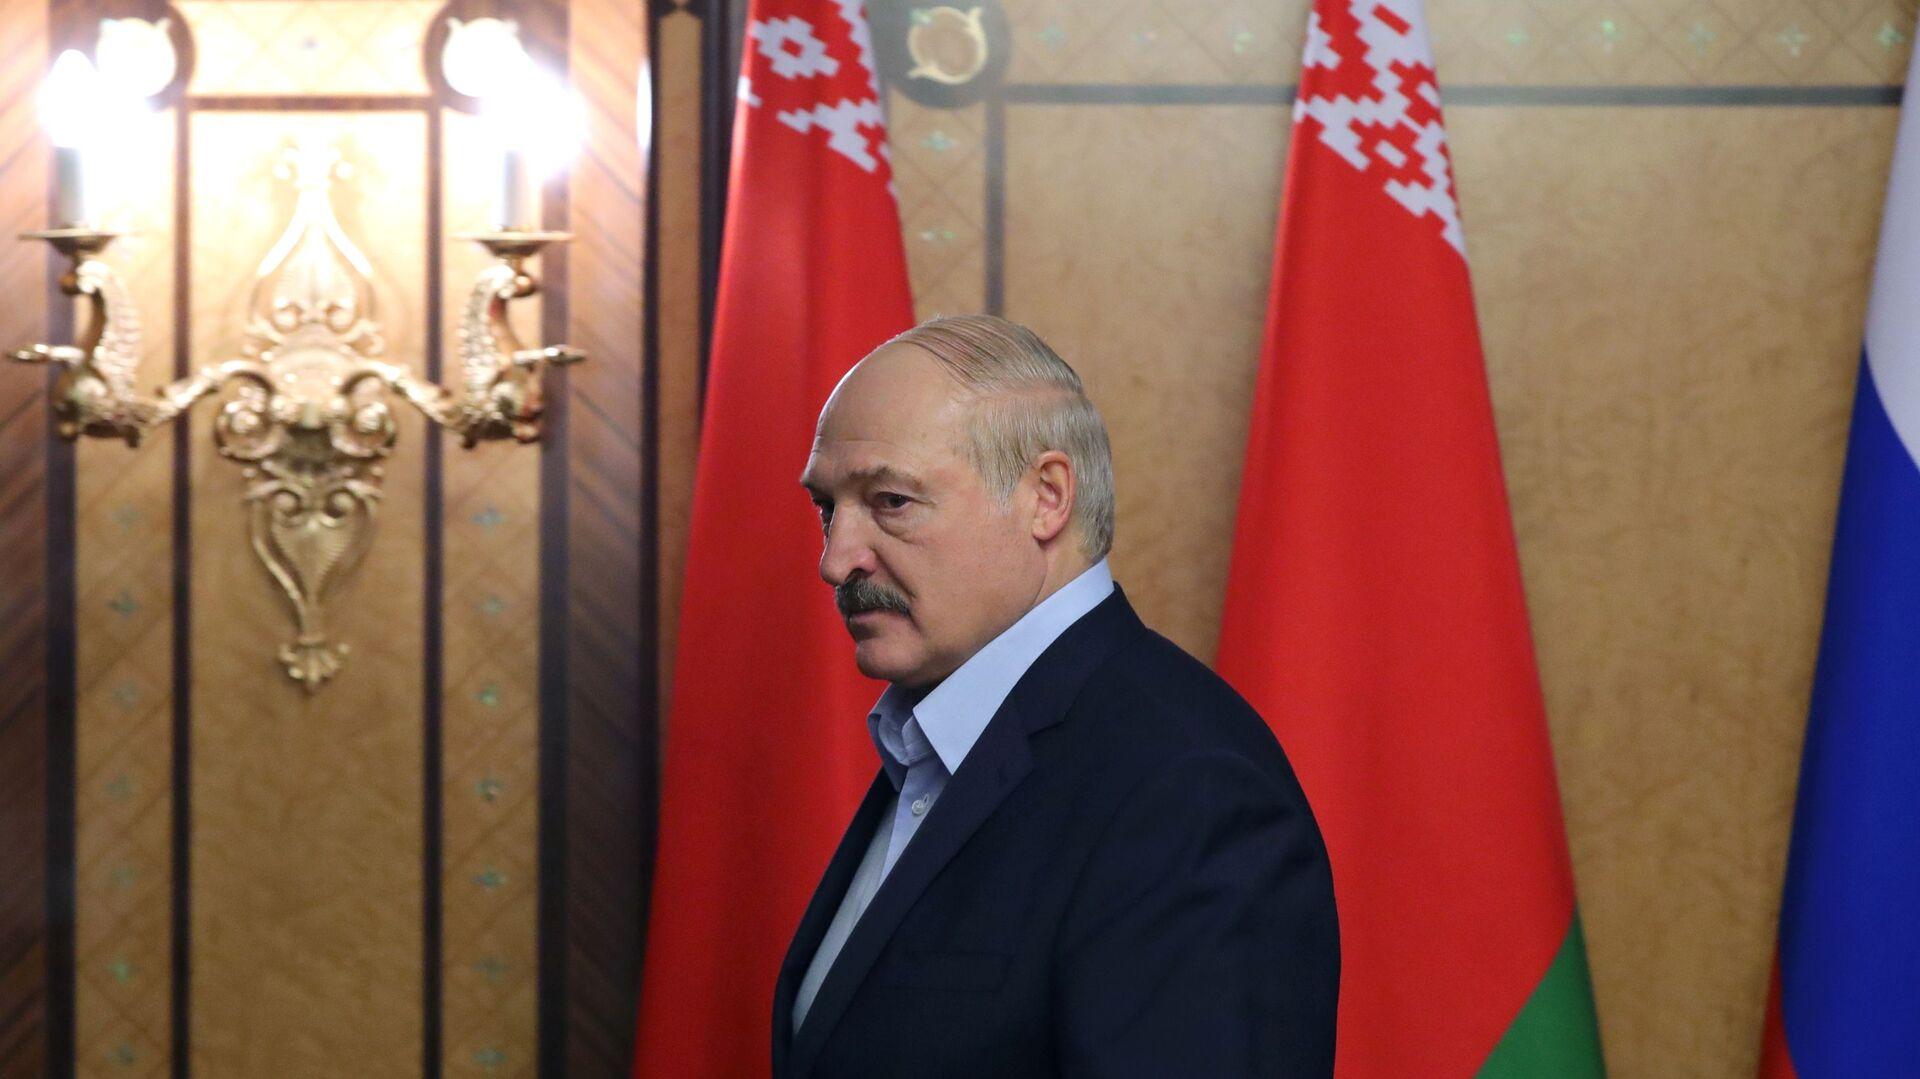 Běloruský prezident Alexandr Lukašenko - Sputnik Česká republika, 1920, 24.04.2021